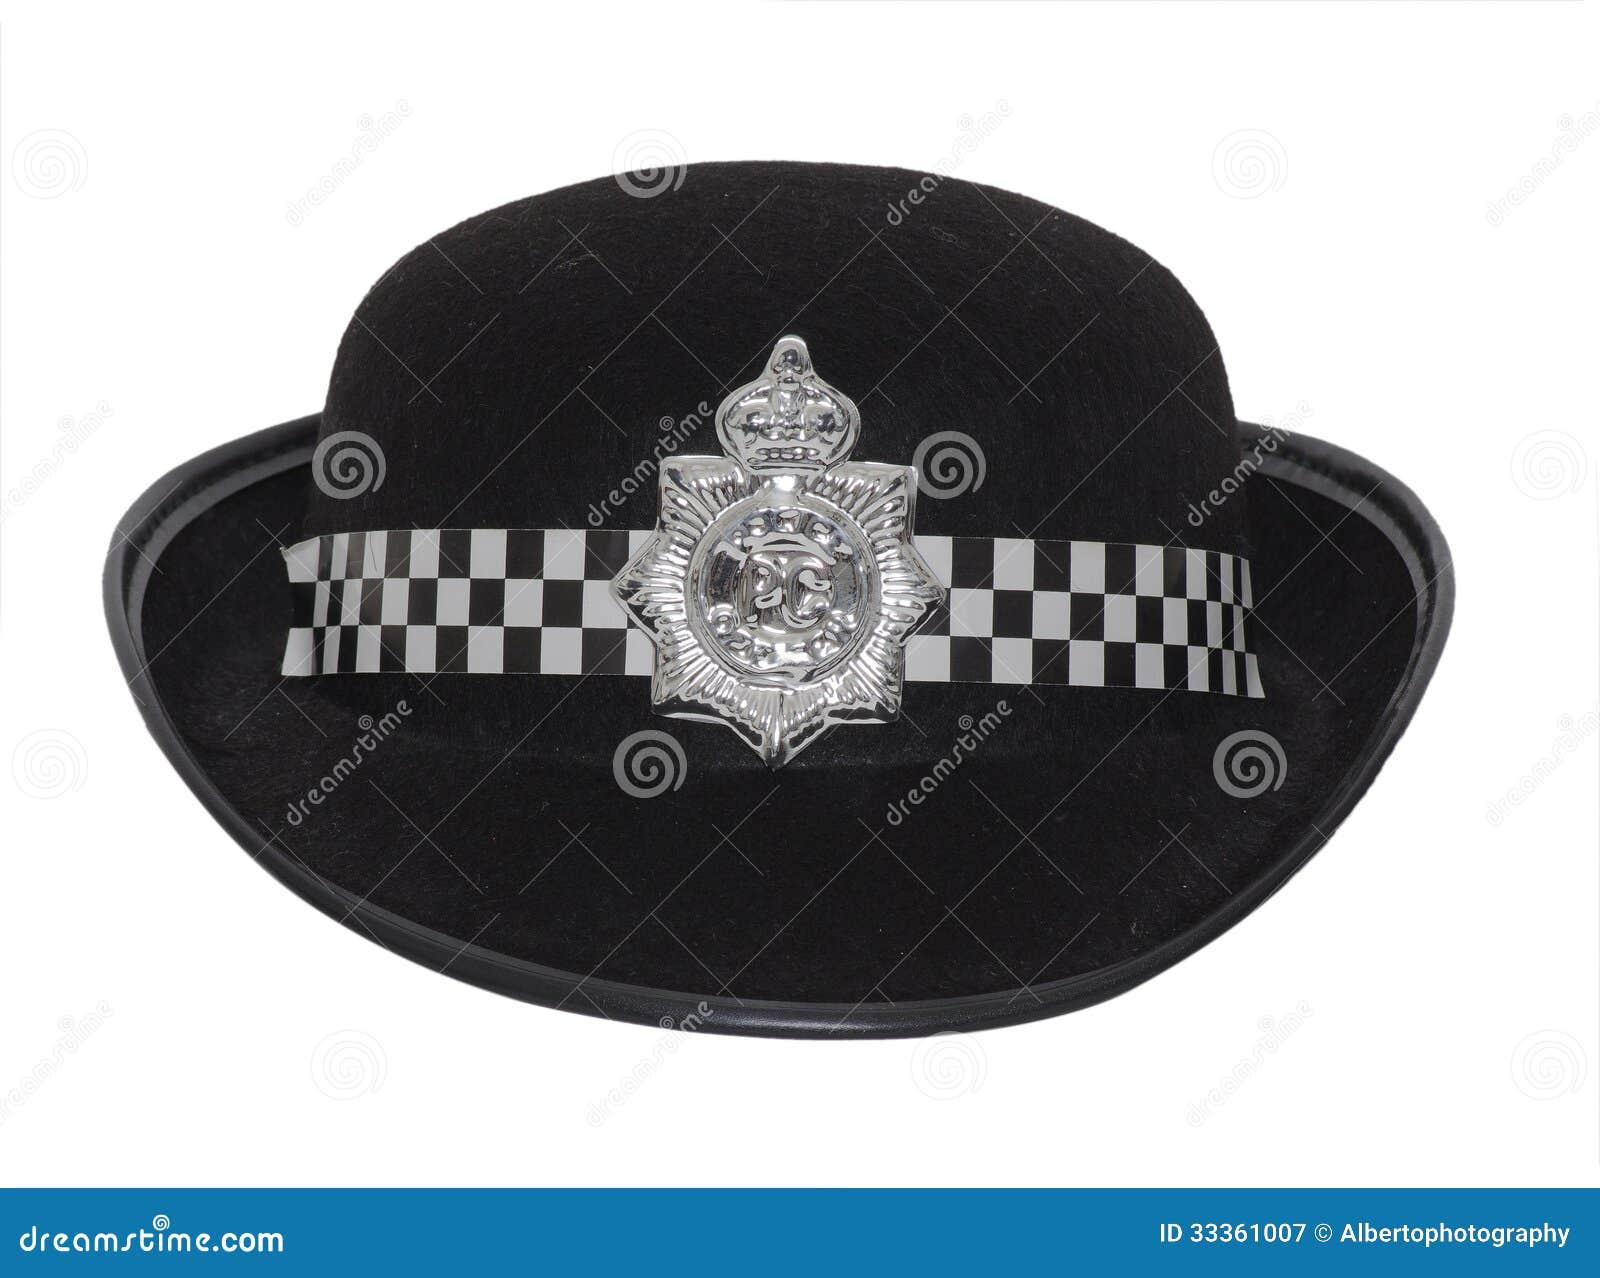 Women police hat